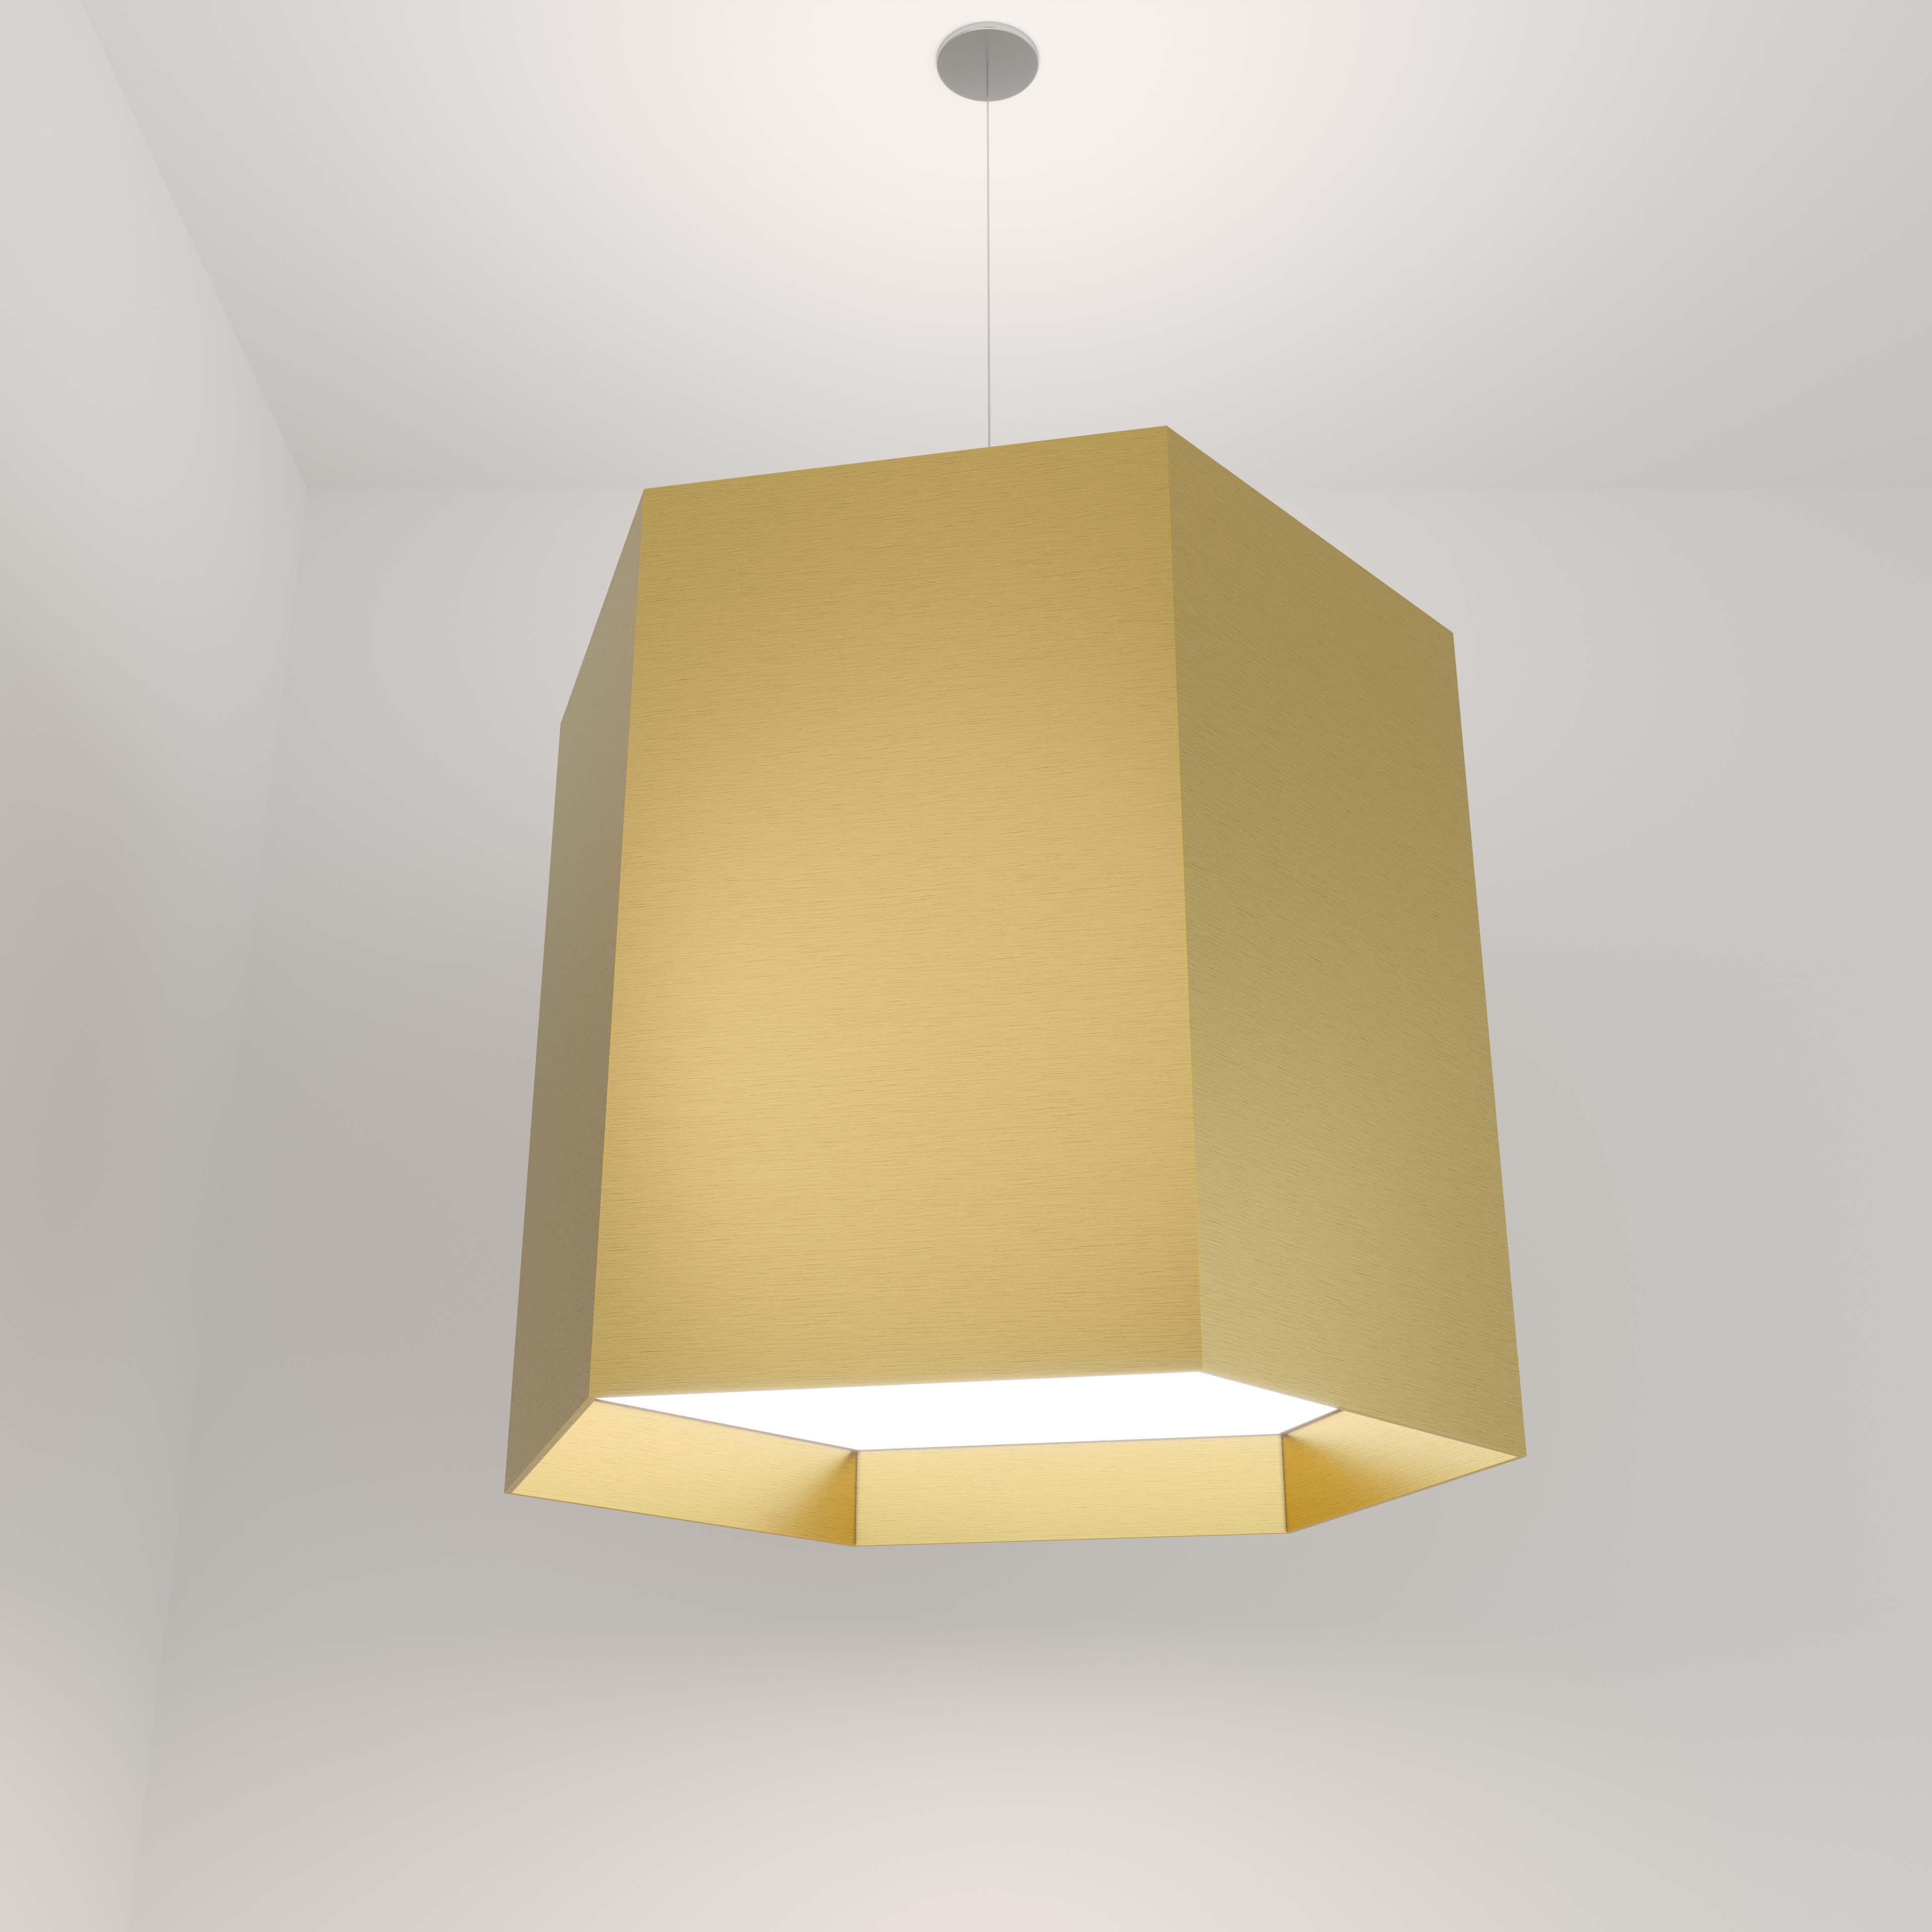 Visa Lighting acoustic felt commercial architectural lighting pendant hexagon.